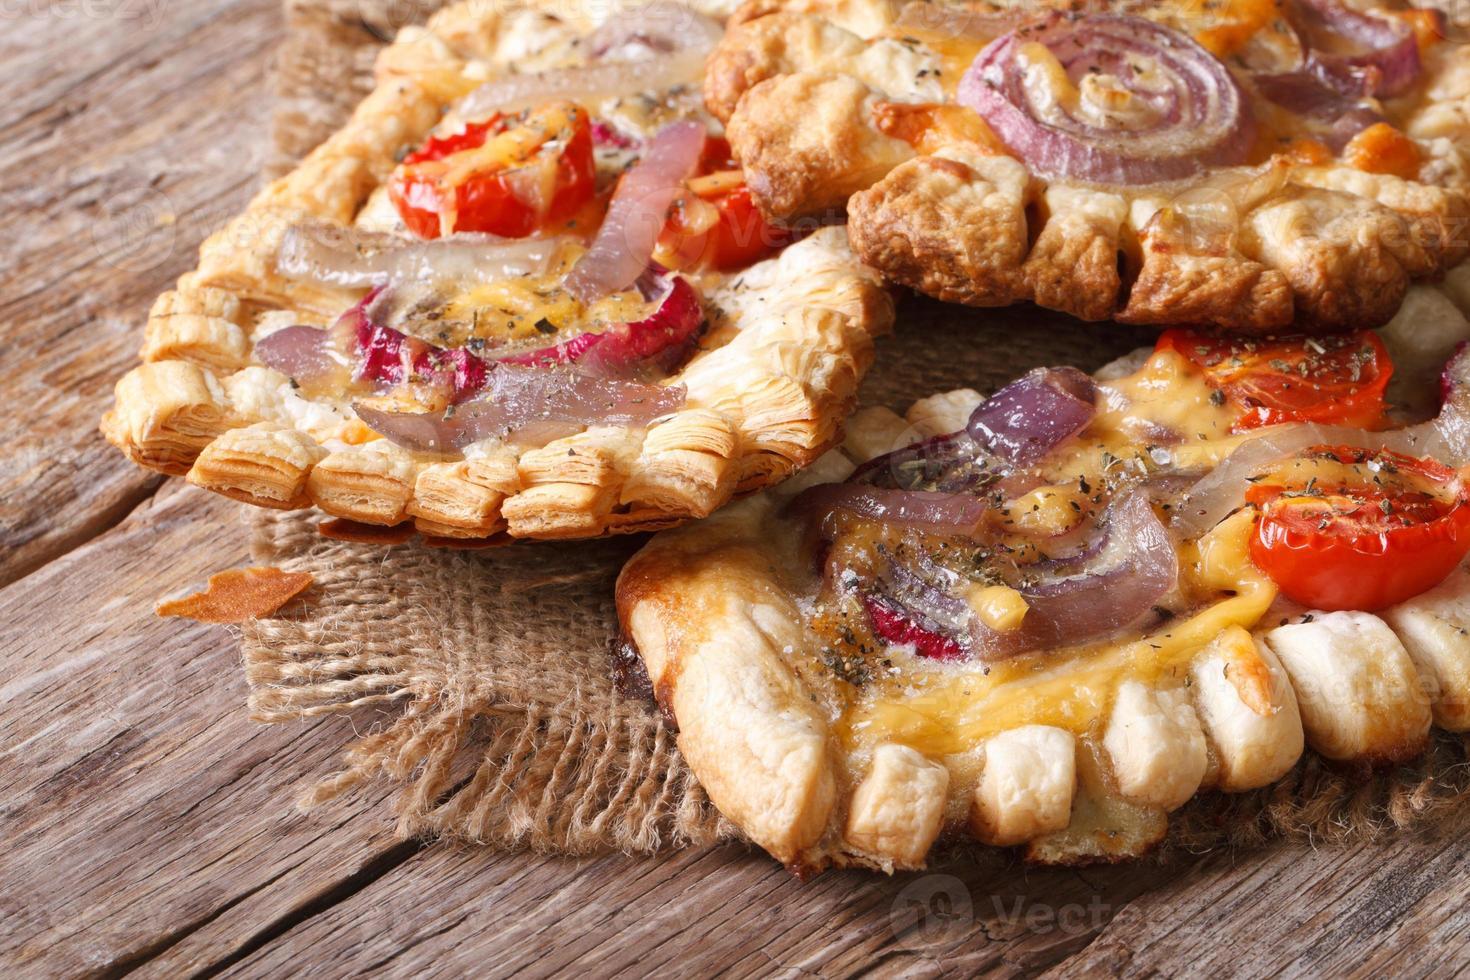 tartelettes françaises aux oignons rouges et tomates horizontales photo